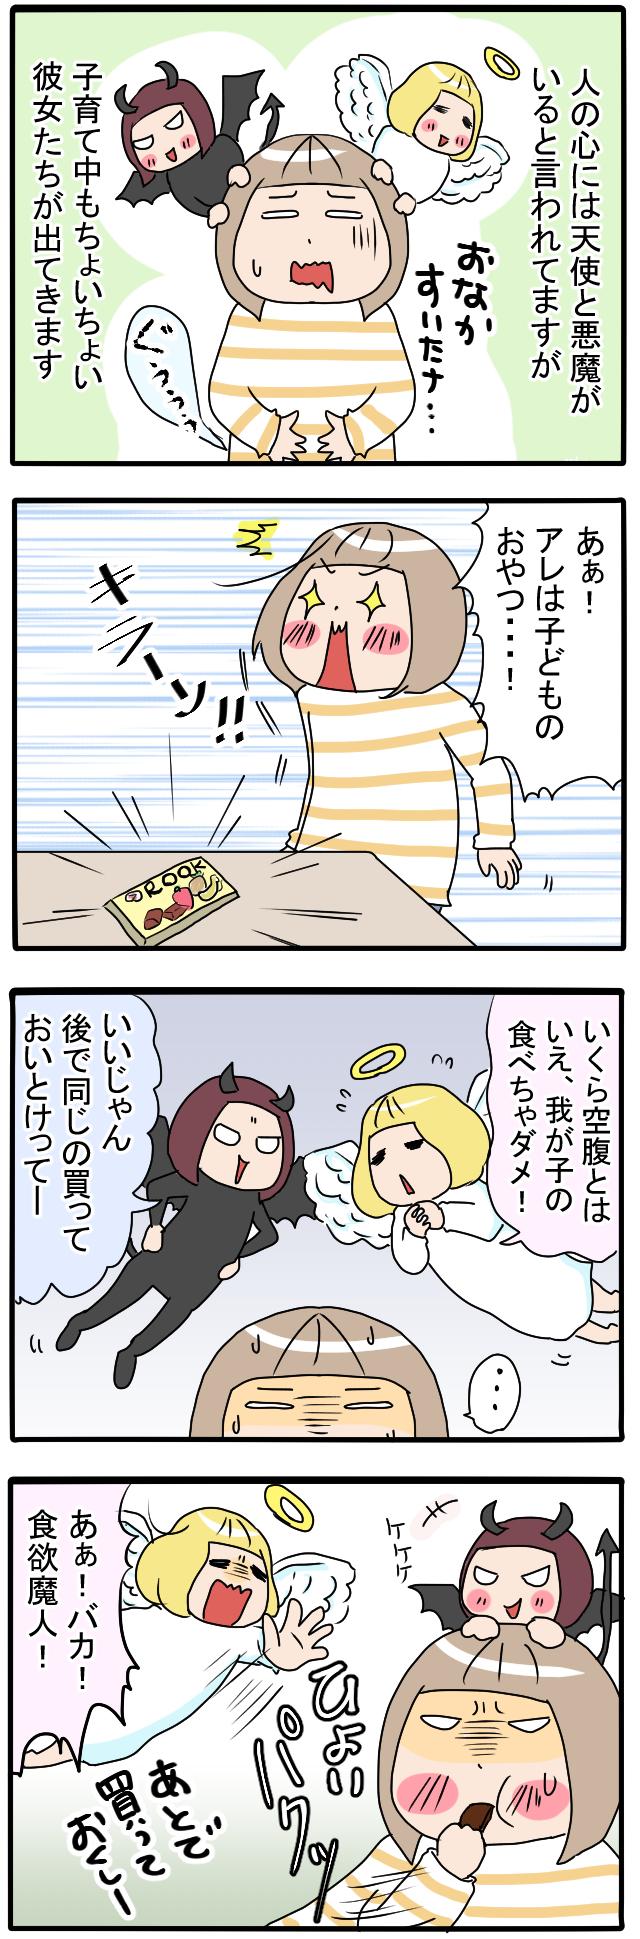 子育て中にでてくる天使と悪魔の誘惑!?こんな時、どうする?の画像1